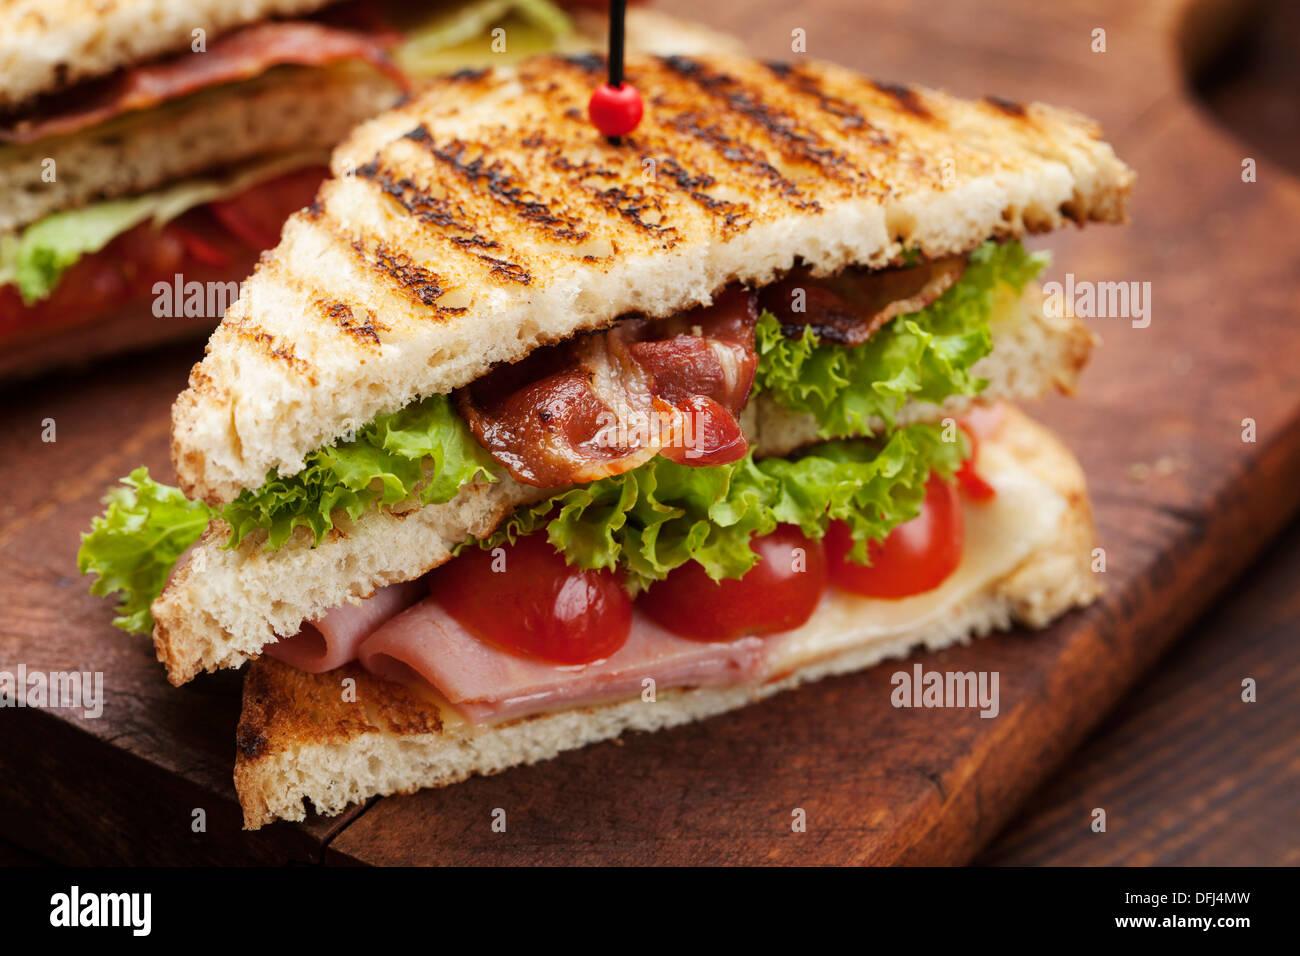 Cerca de sándwich fresco con jamón, tocino, tomate, queso y lechuga Imagen De Stock